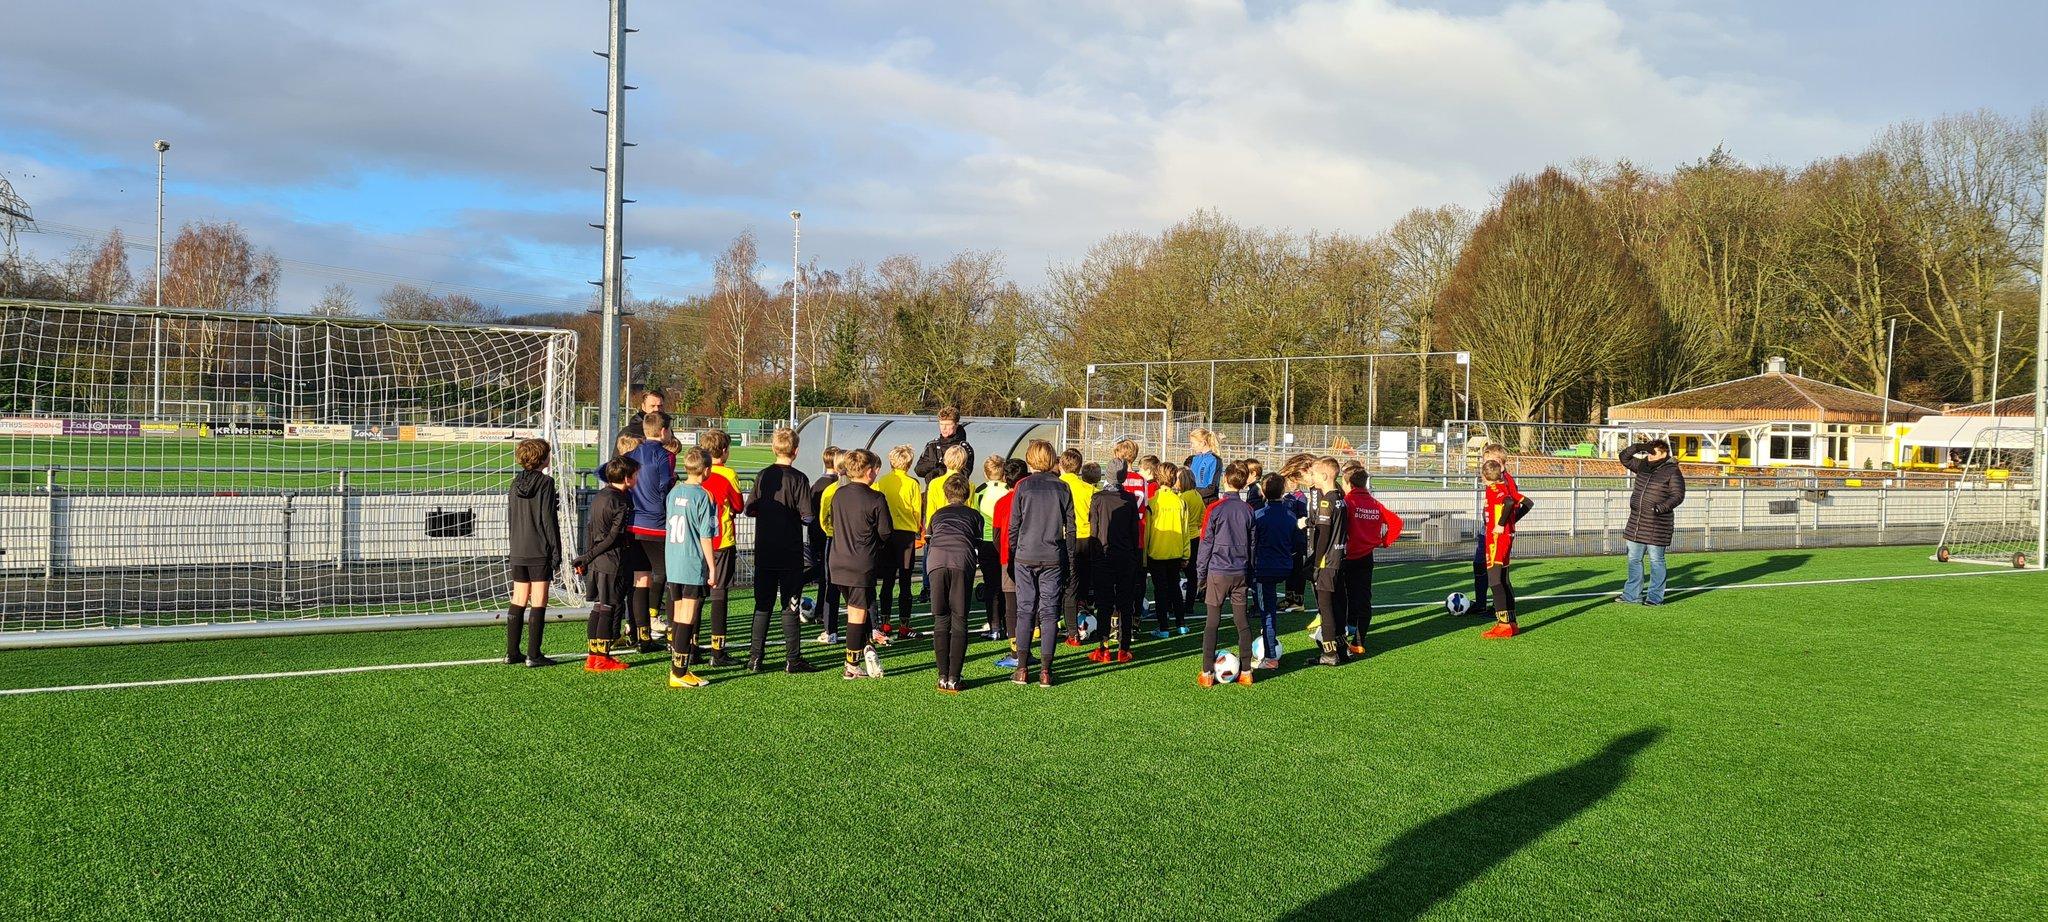 Presser Cup 2021 zorgt voor voetbalplezier VV Diepenveen jeugd